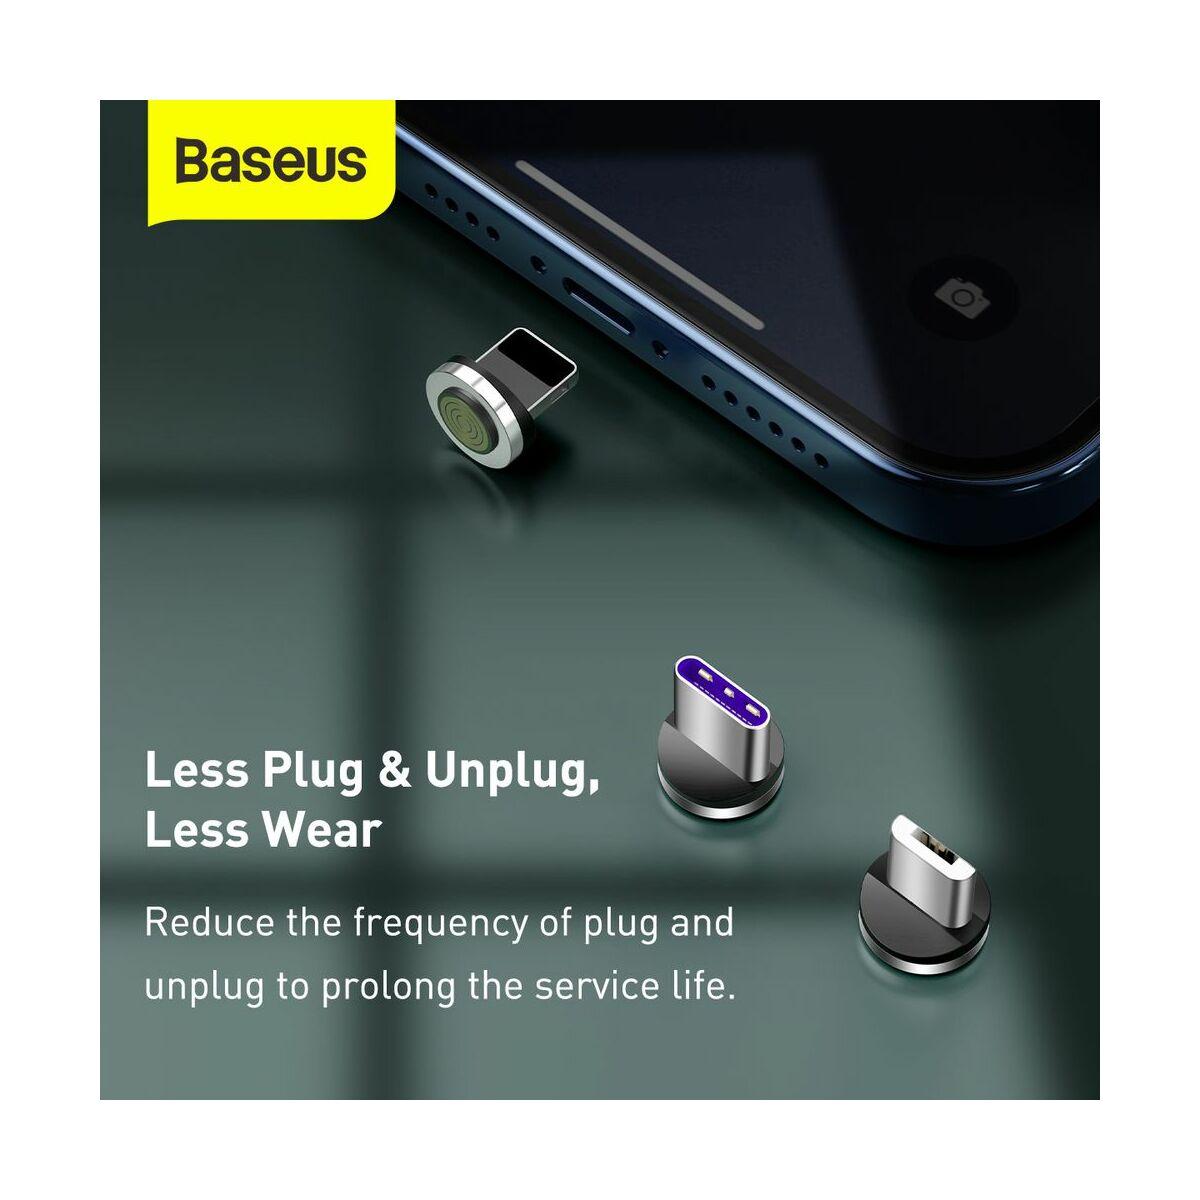 Baseus Univerzális kábel, Zinc mágneses USB véggel + töltőfej szett (Lightning/Type-C/Micro) 5A, 1m, fekete/szürke (CA1T3-BG1)